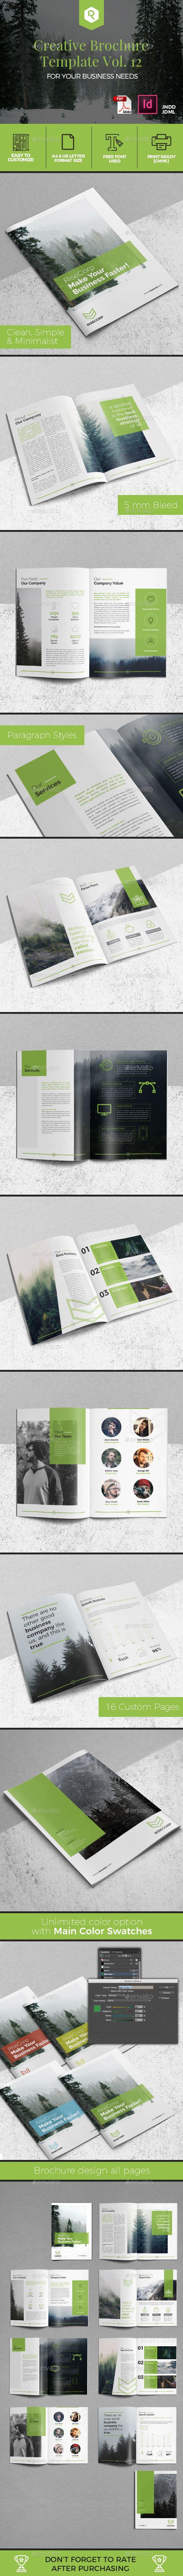 Creative #Brochure Template Vol. 12 - Corporate Brochures Download here: https://graphicriver.net/item/creative-brochure-template-vol-12/19968754?ref=alena994